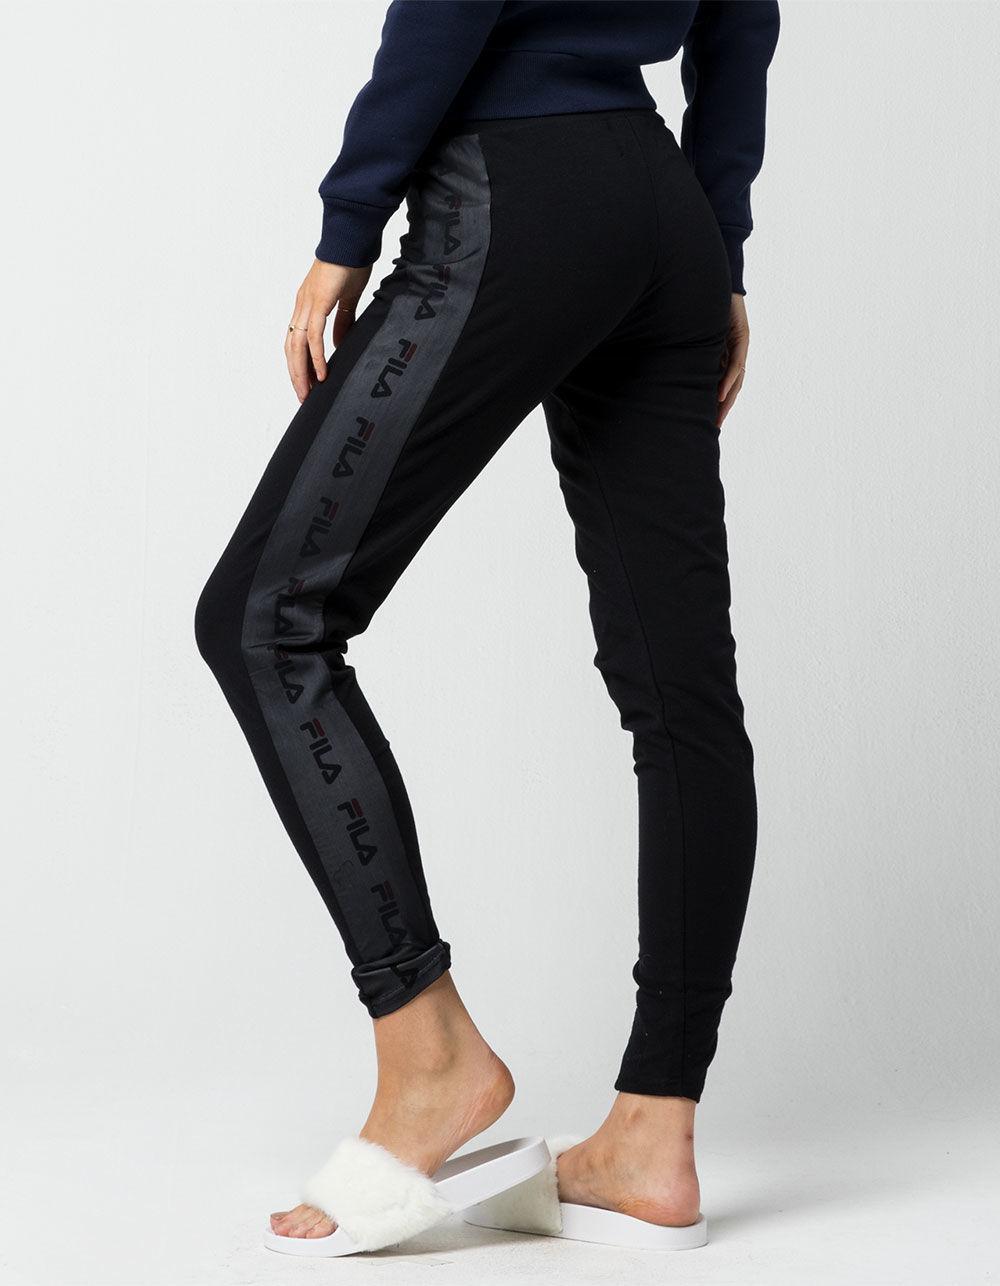 91eef82a1189 Lyst - Fila Lia Womens Leggings in Black